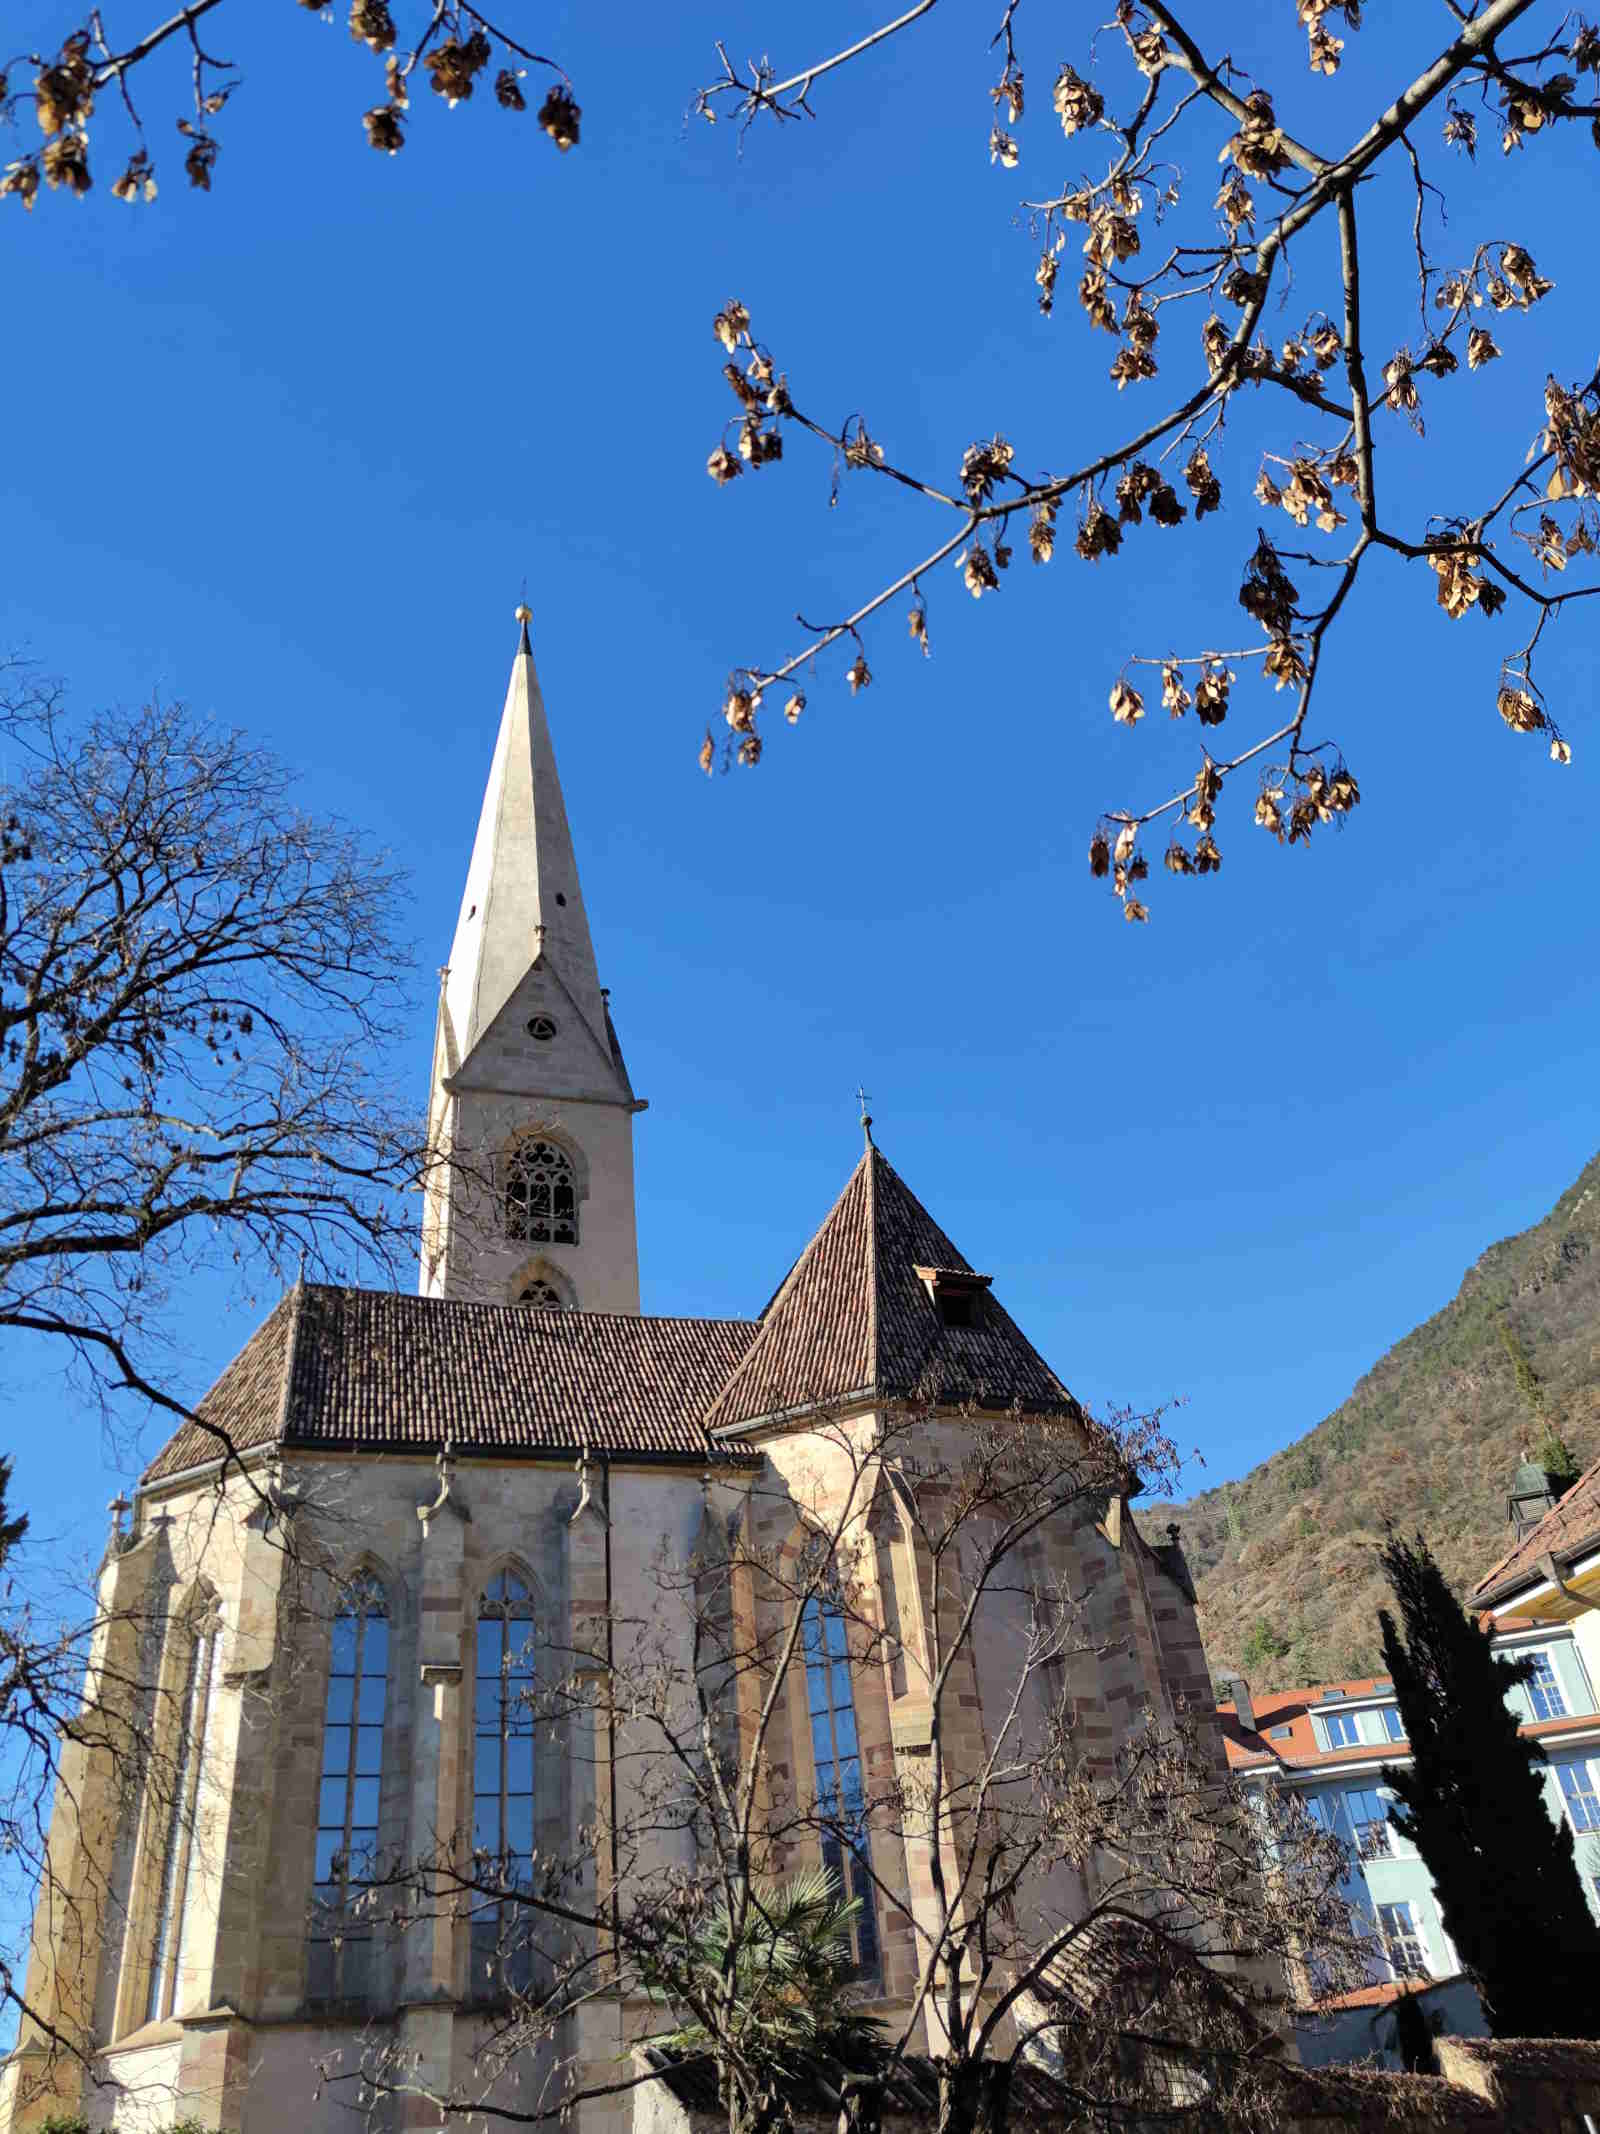 vecchia Chiesa parrocchiale del quartiere di Gries, punto di inizio della passeggiata del Guncina a Bolzano, Alto Adige Italia